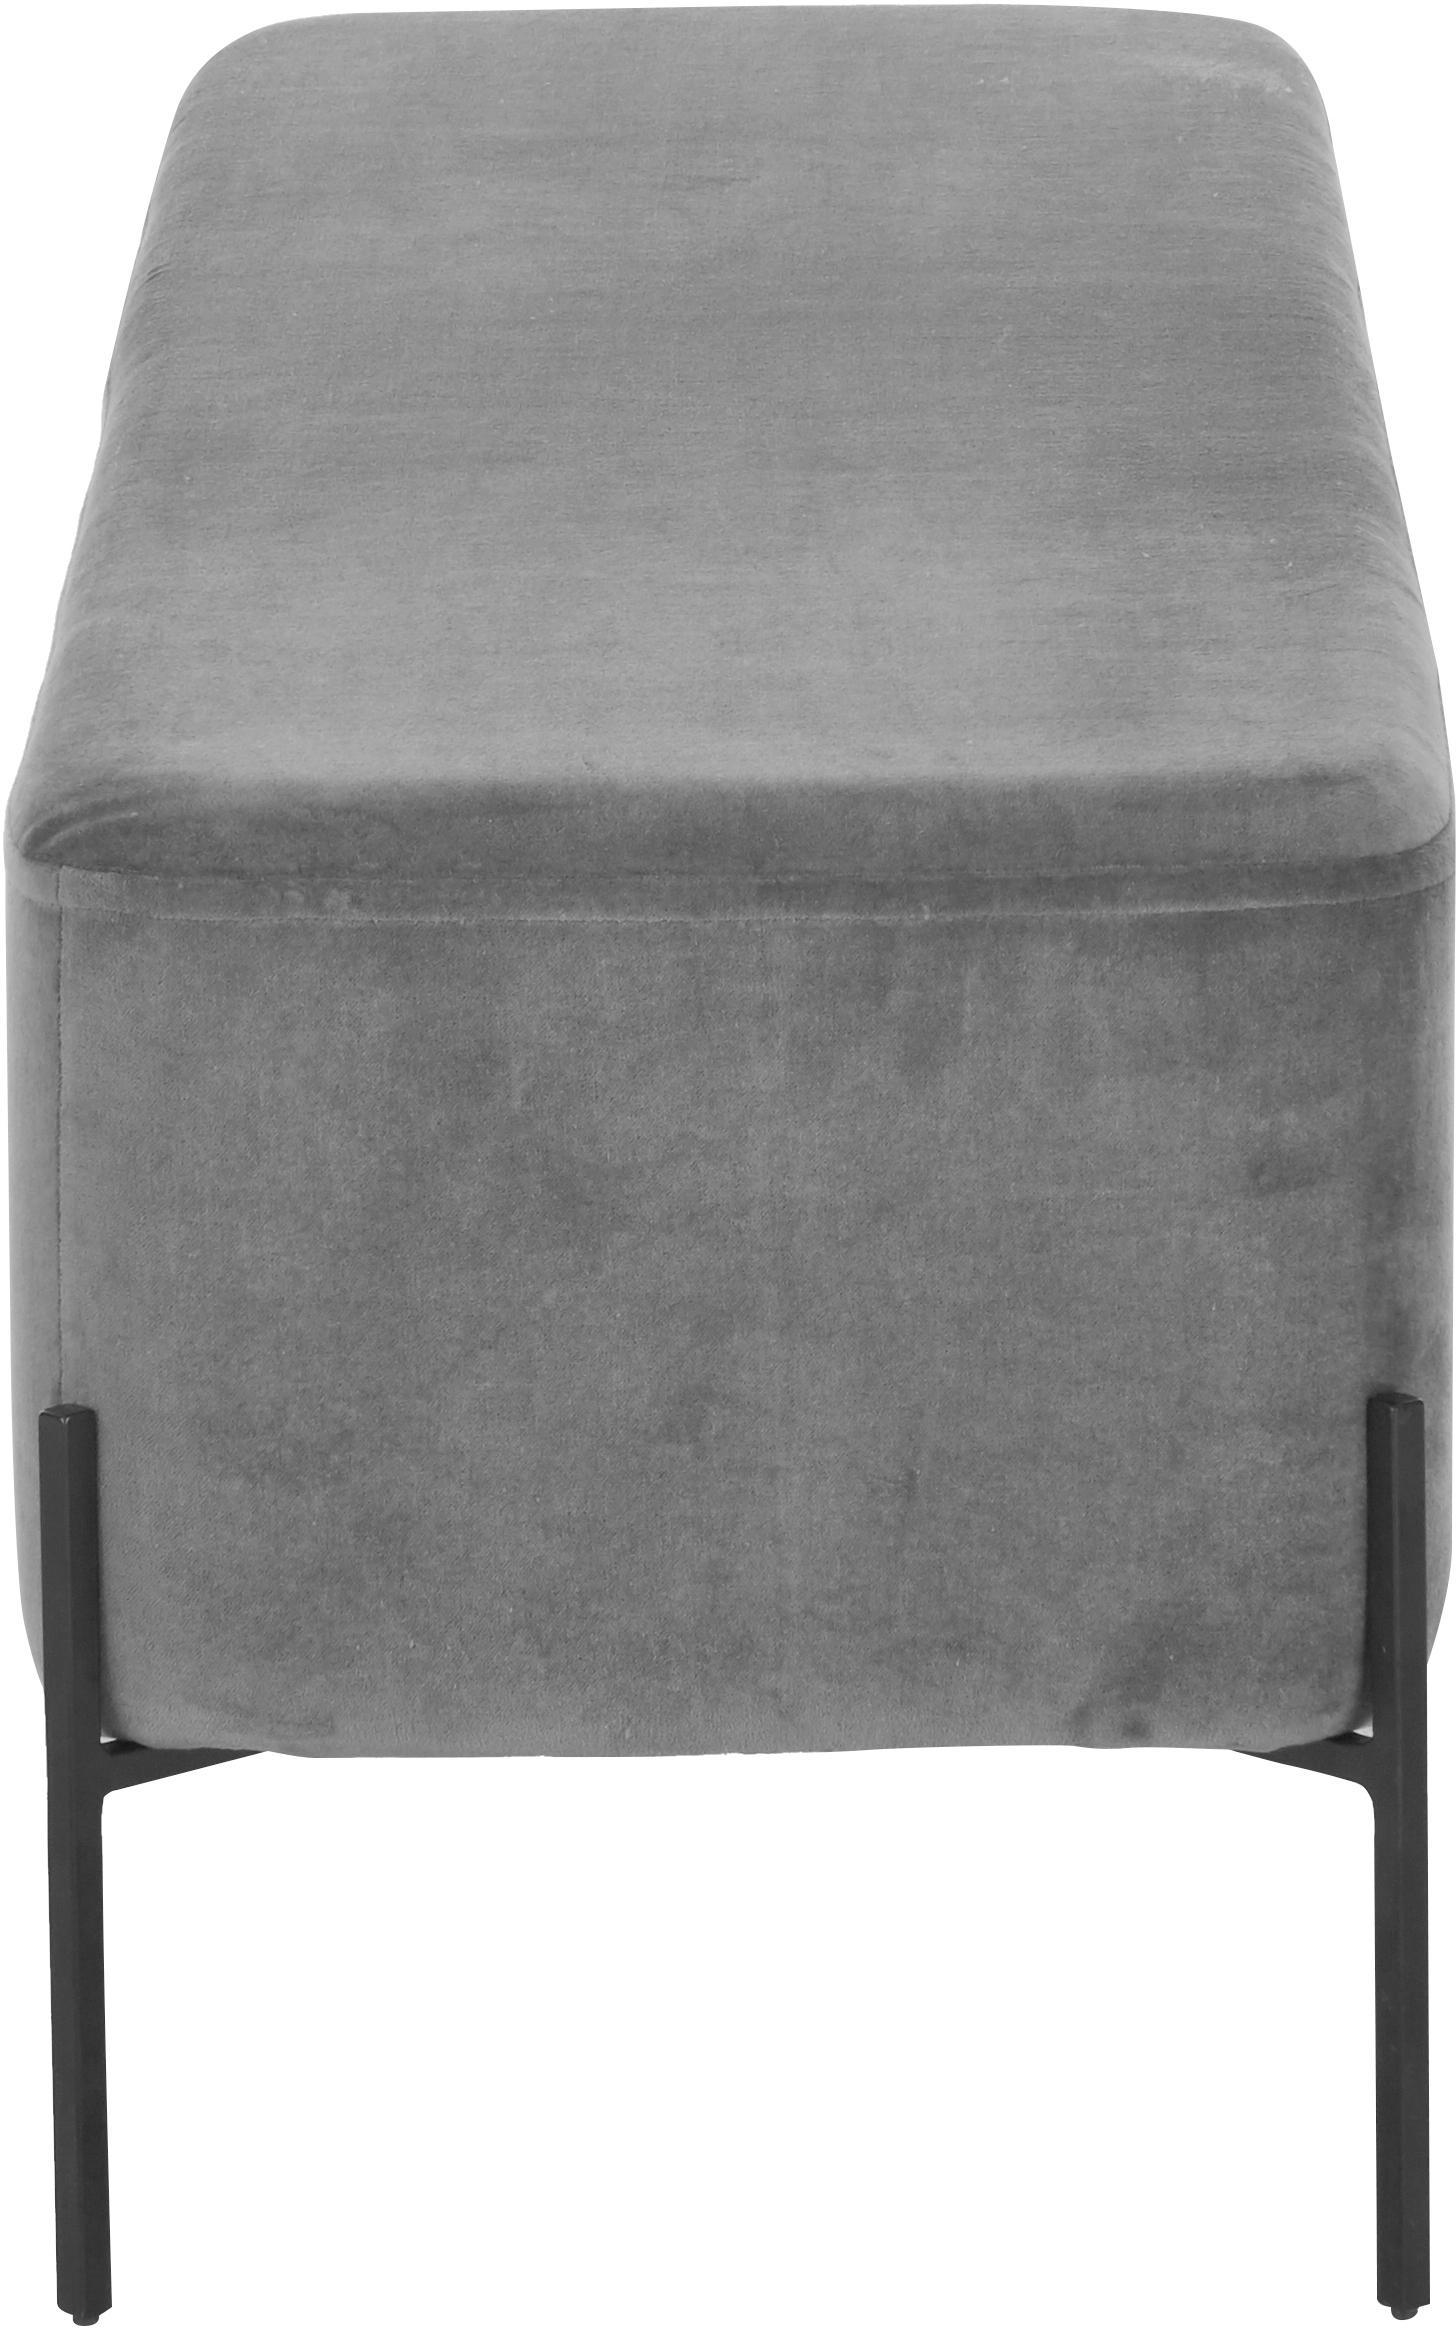 Banco de terciopelo Harper, Tapizado: terciopelo de algodón, Gris oscuro, negro, An 140 x Al 45 cm